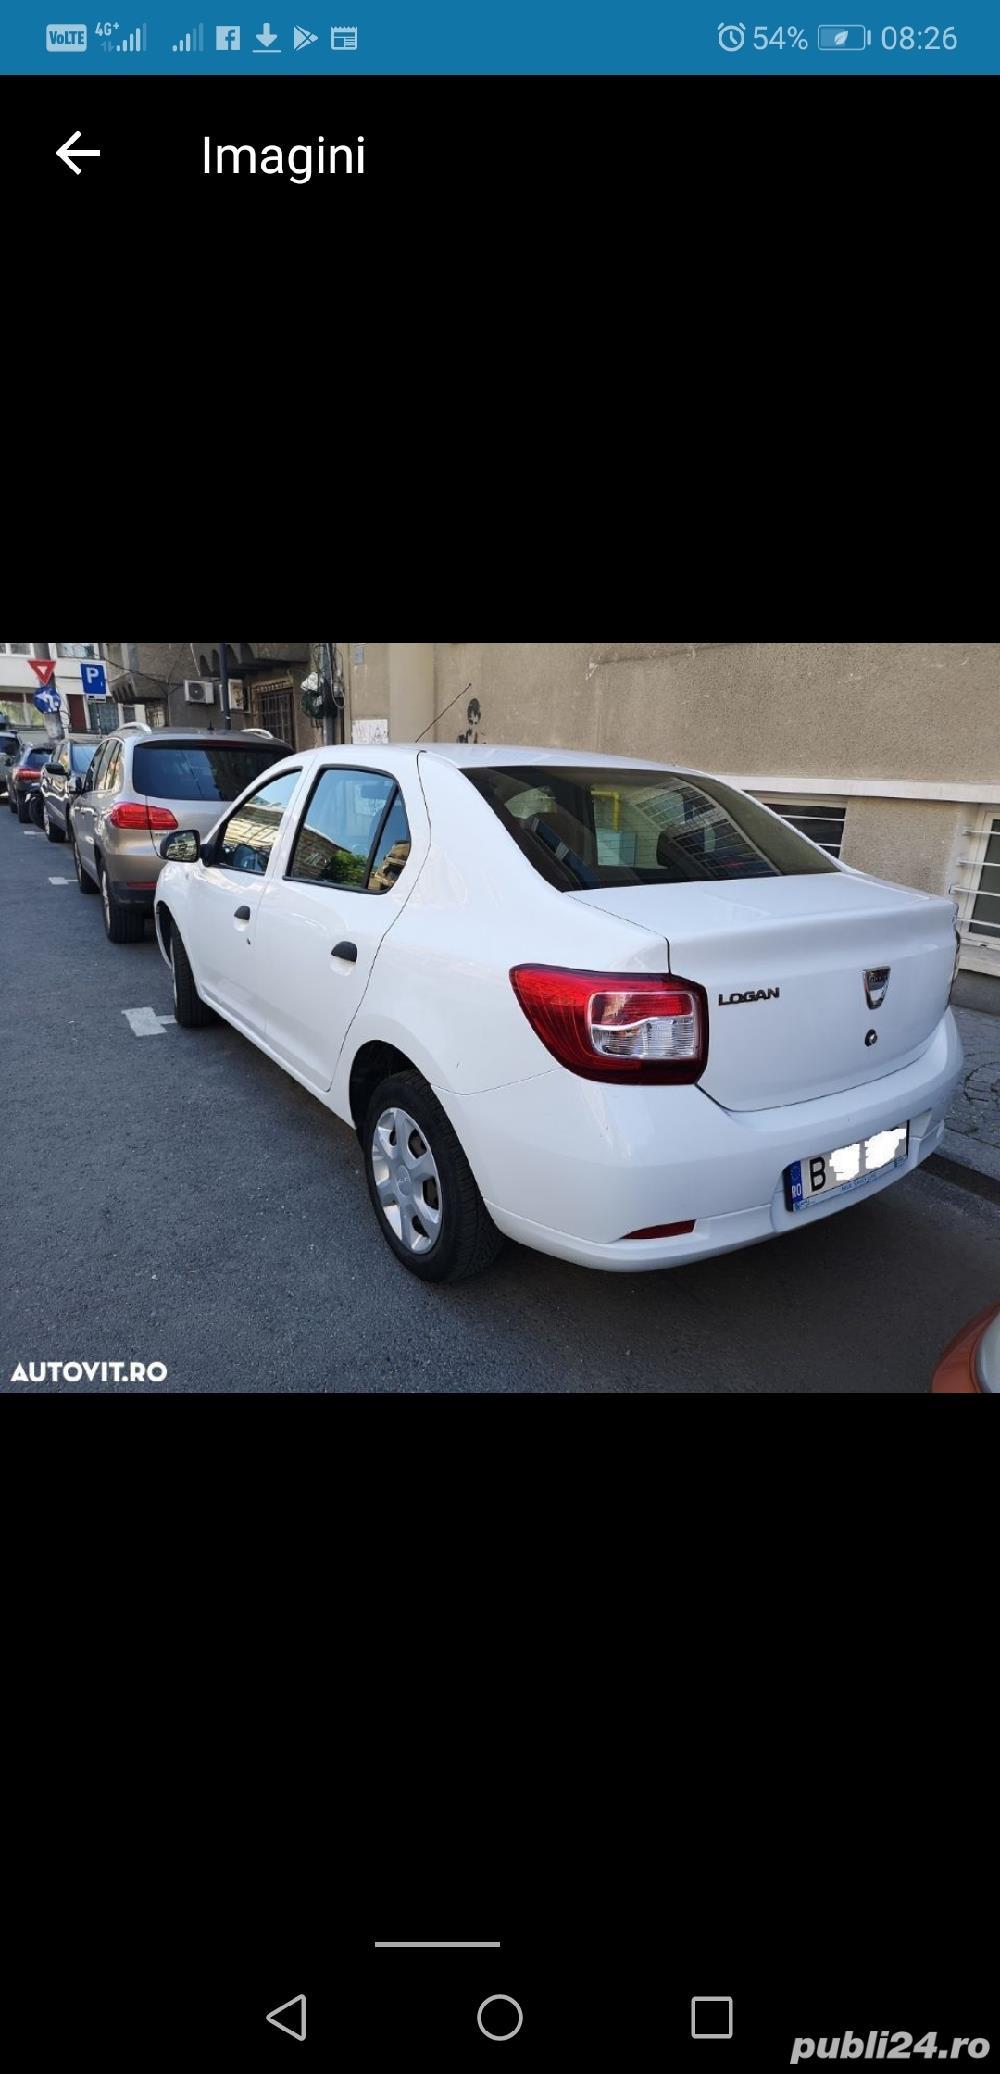 Dacia Logan 2014  4099 + TVA deductibil prim prop 89500 km AC Bluetooth geamuri el carte service